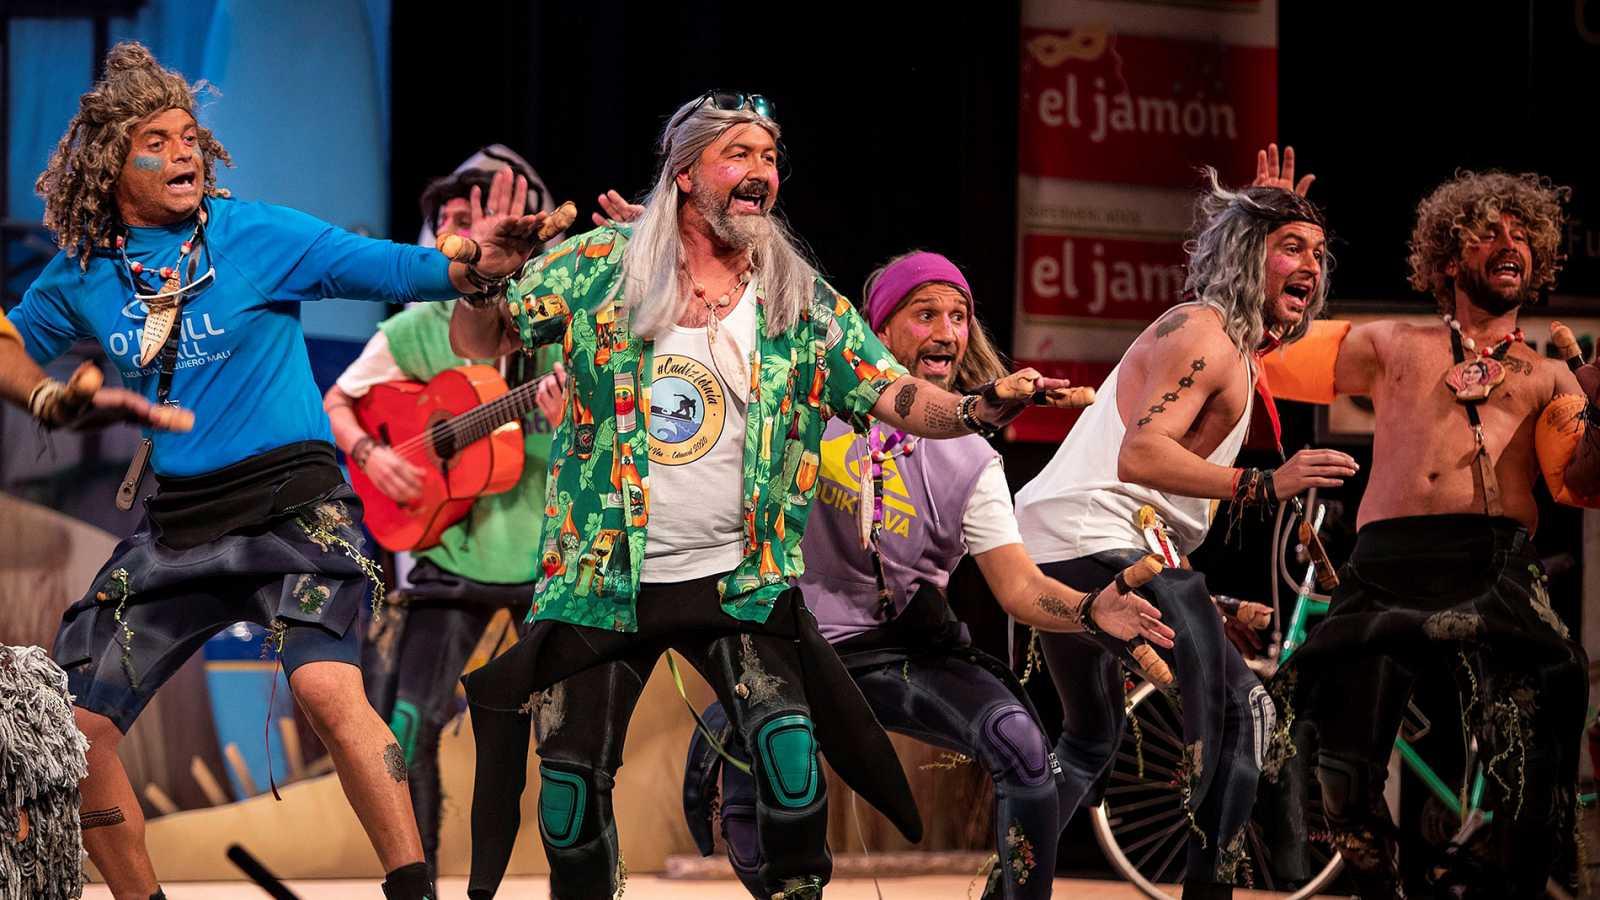 La chirigota 'Los CadizFornia' gana el Concurso Oficial de Agrupaciones Carnavalescas de Cádiz